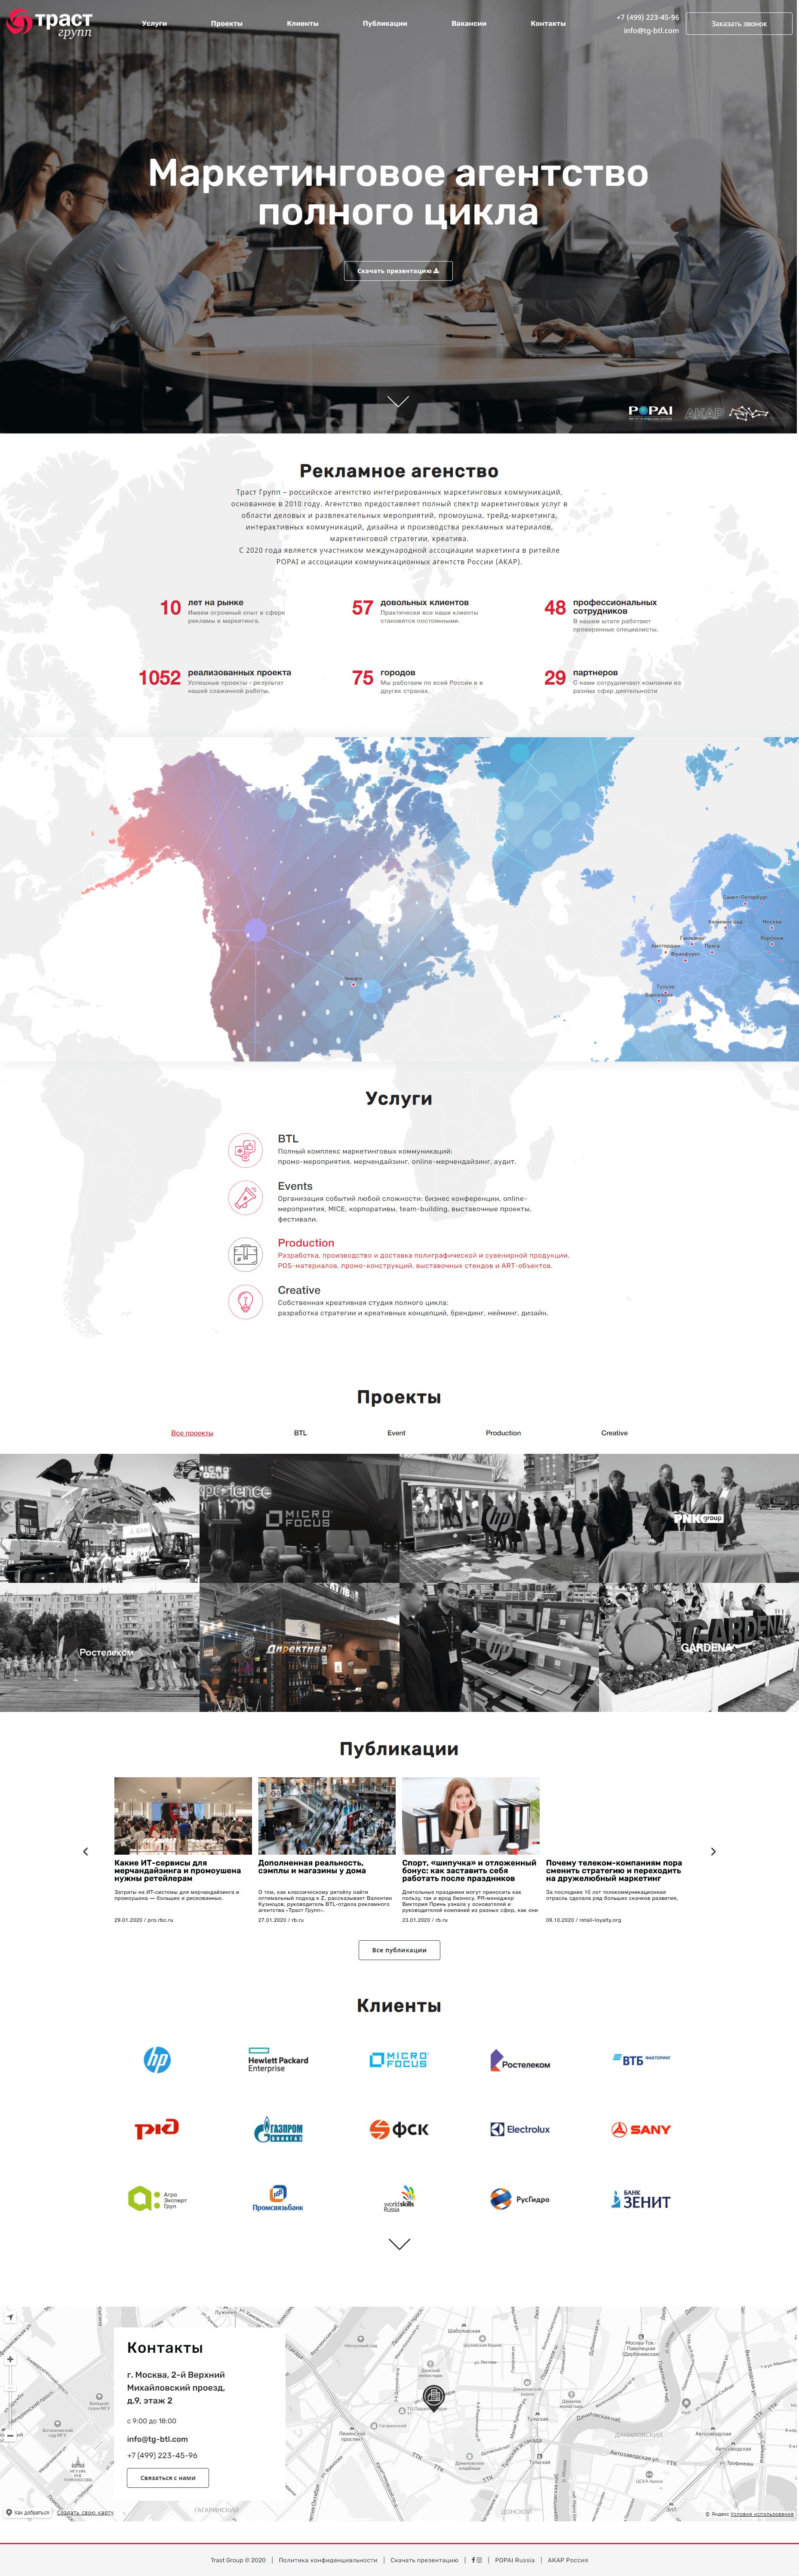 Tg-btl.ru — корпоративный сайт для маркетингового агентства